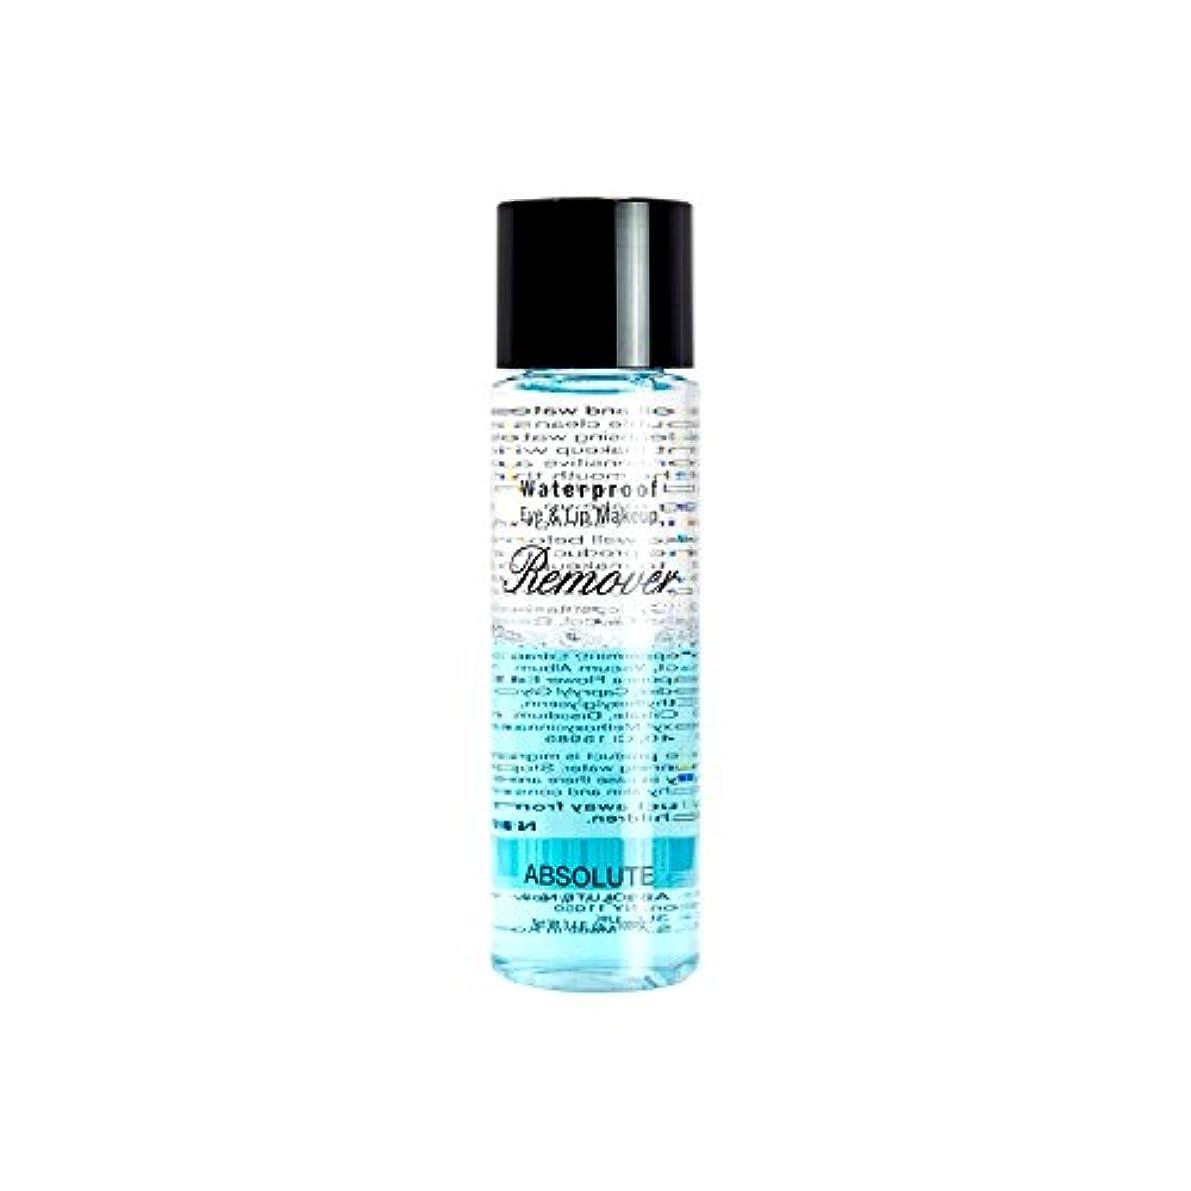 トラブル自治的隣接する(3 Pack) ABSOLUTE Waterproof Eye & Lip Makeup Remover (並行輸入品)